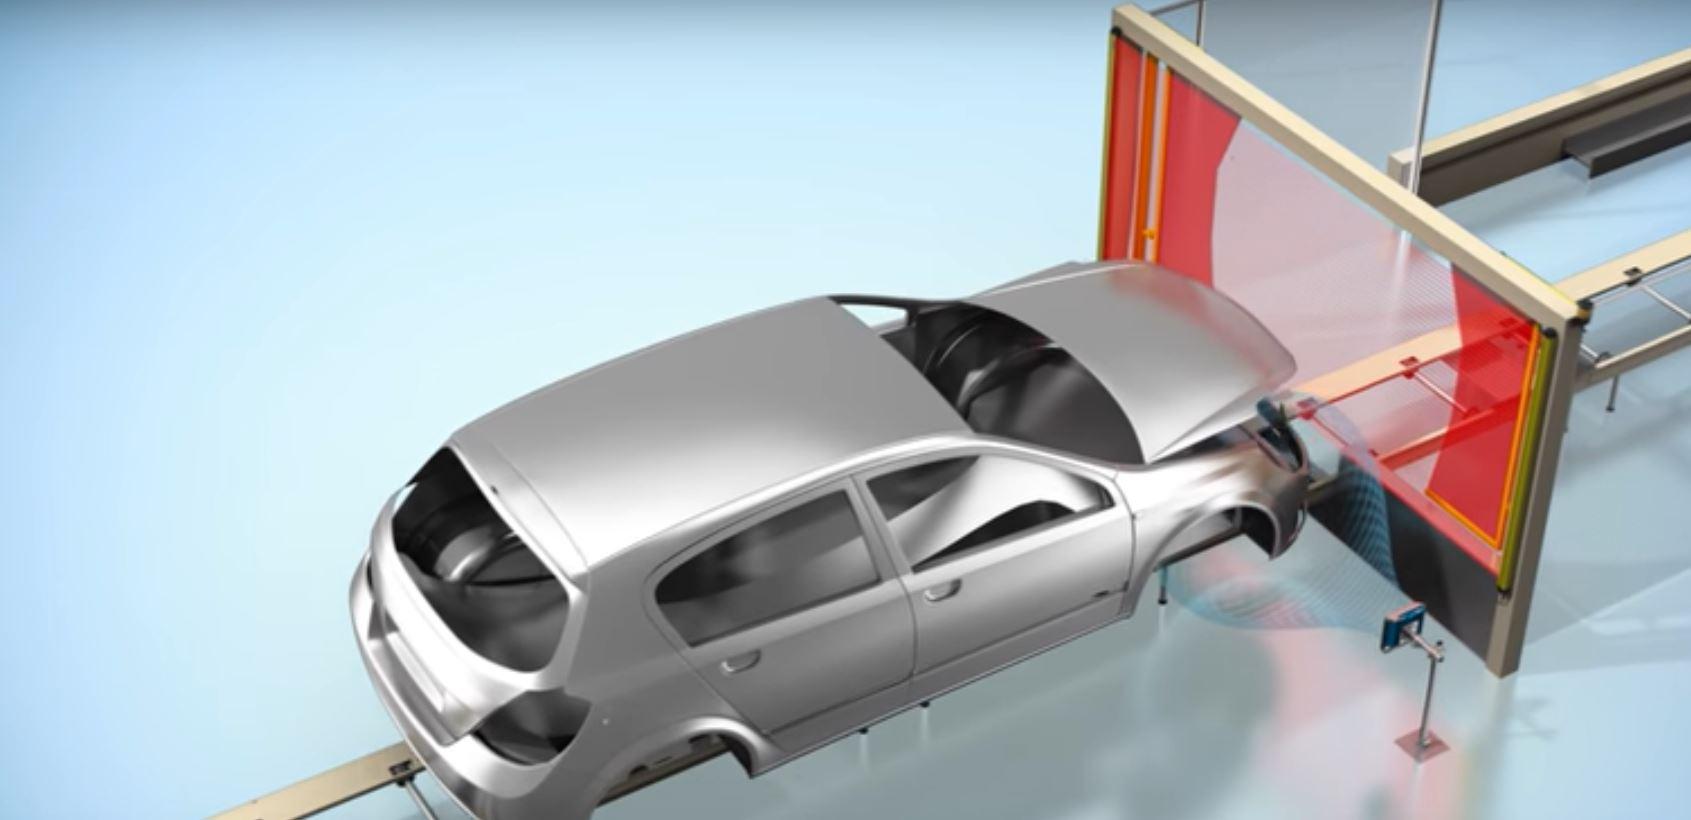 Датчики современного умного автомобиля постоянно эволюционируют и делают процесс вождения все безопаснее